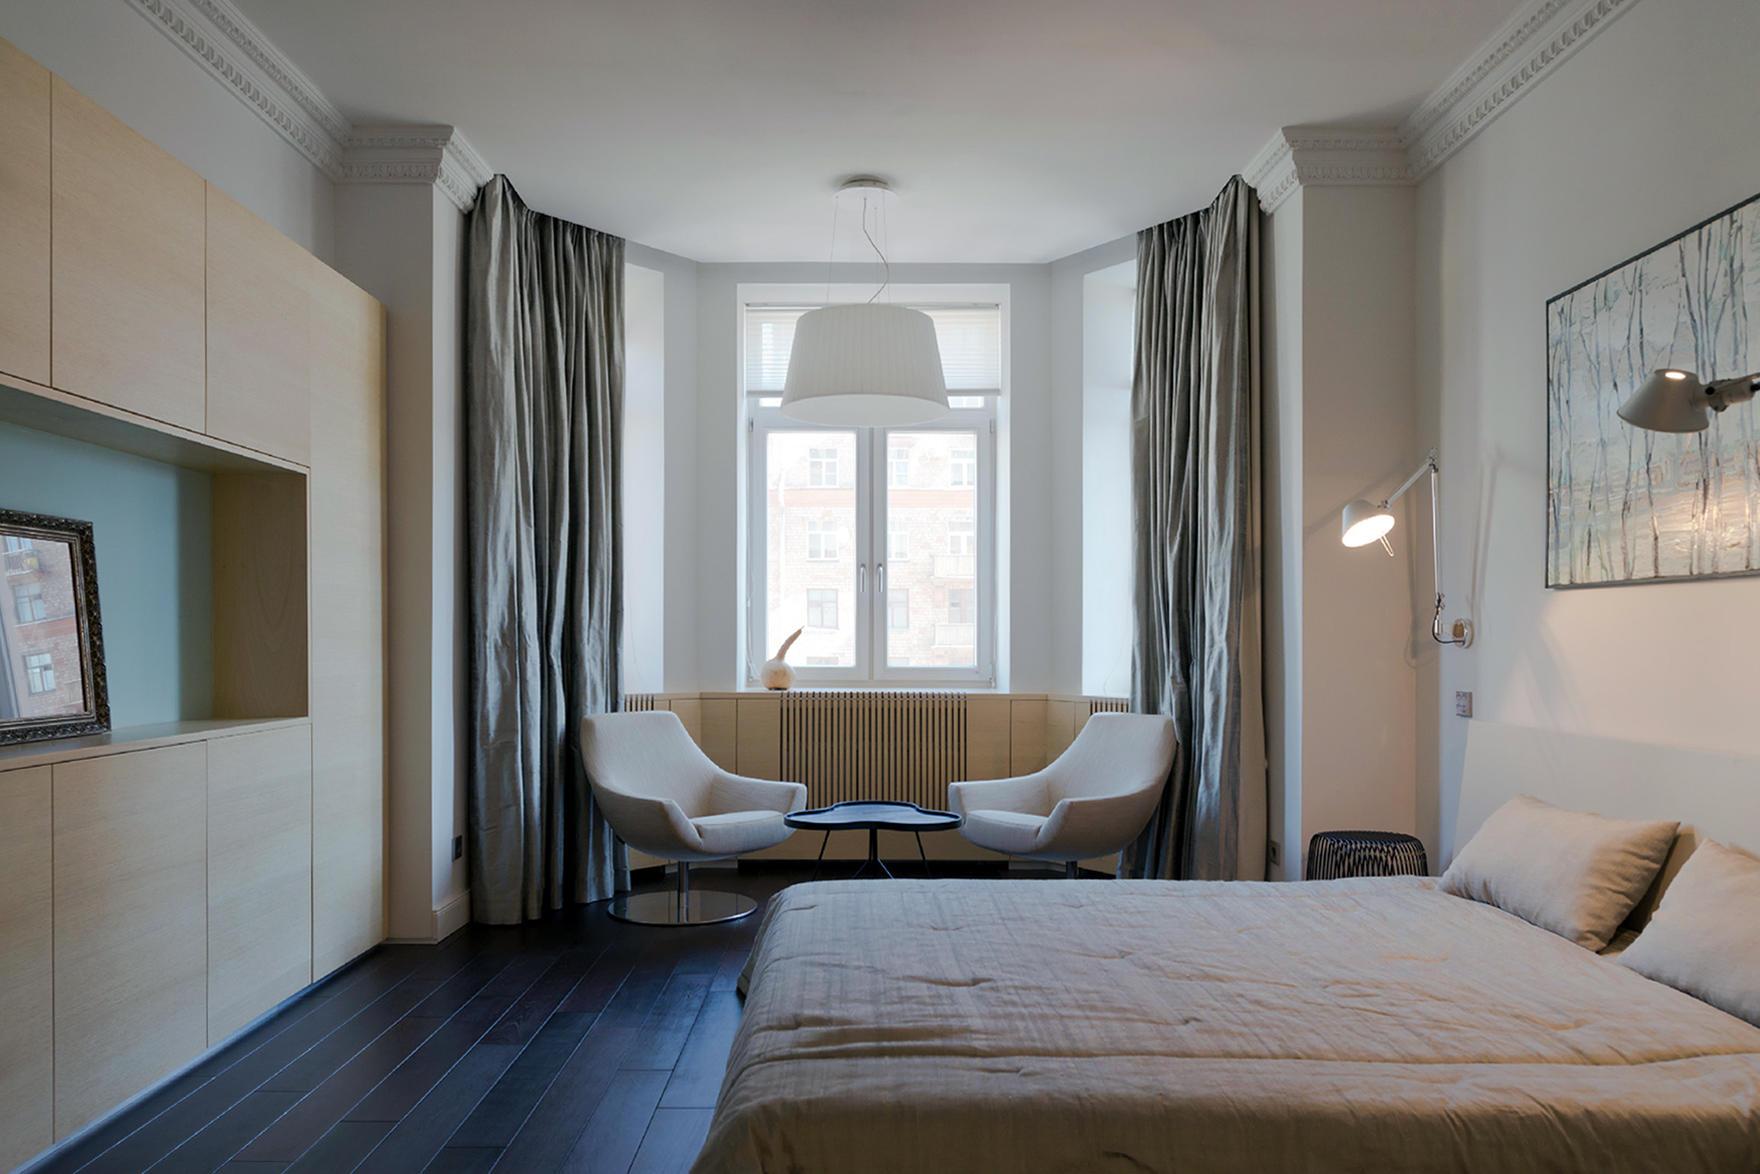 Original Sovevaerelse Med Karuselvindue 3 Design Ideer